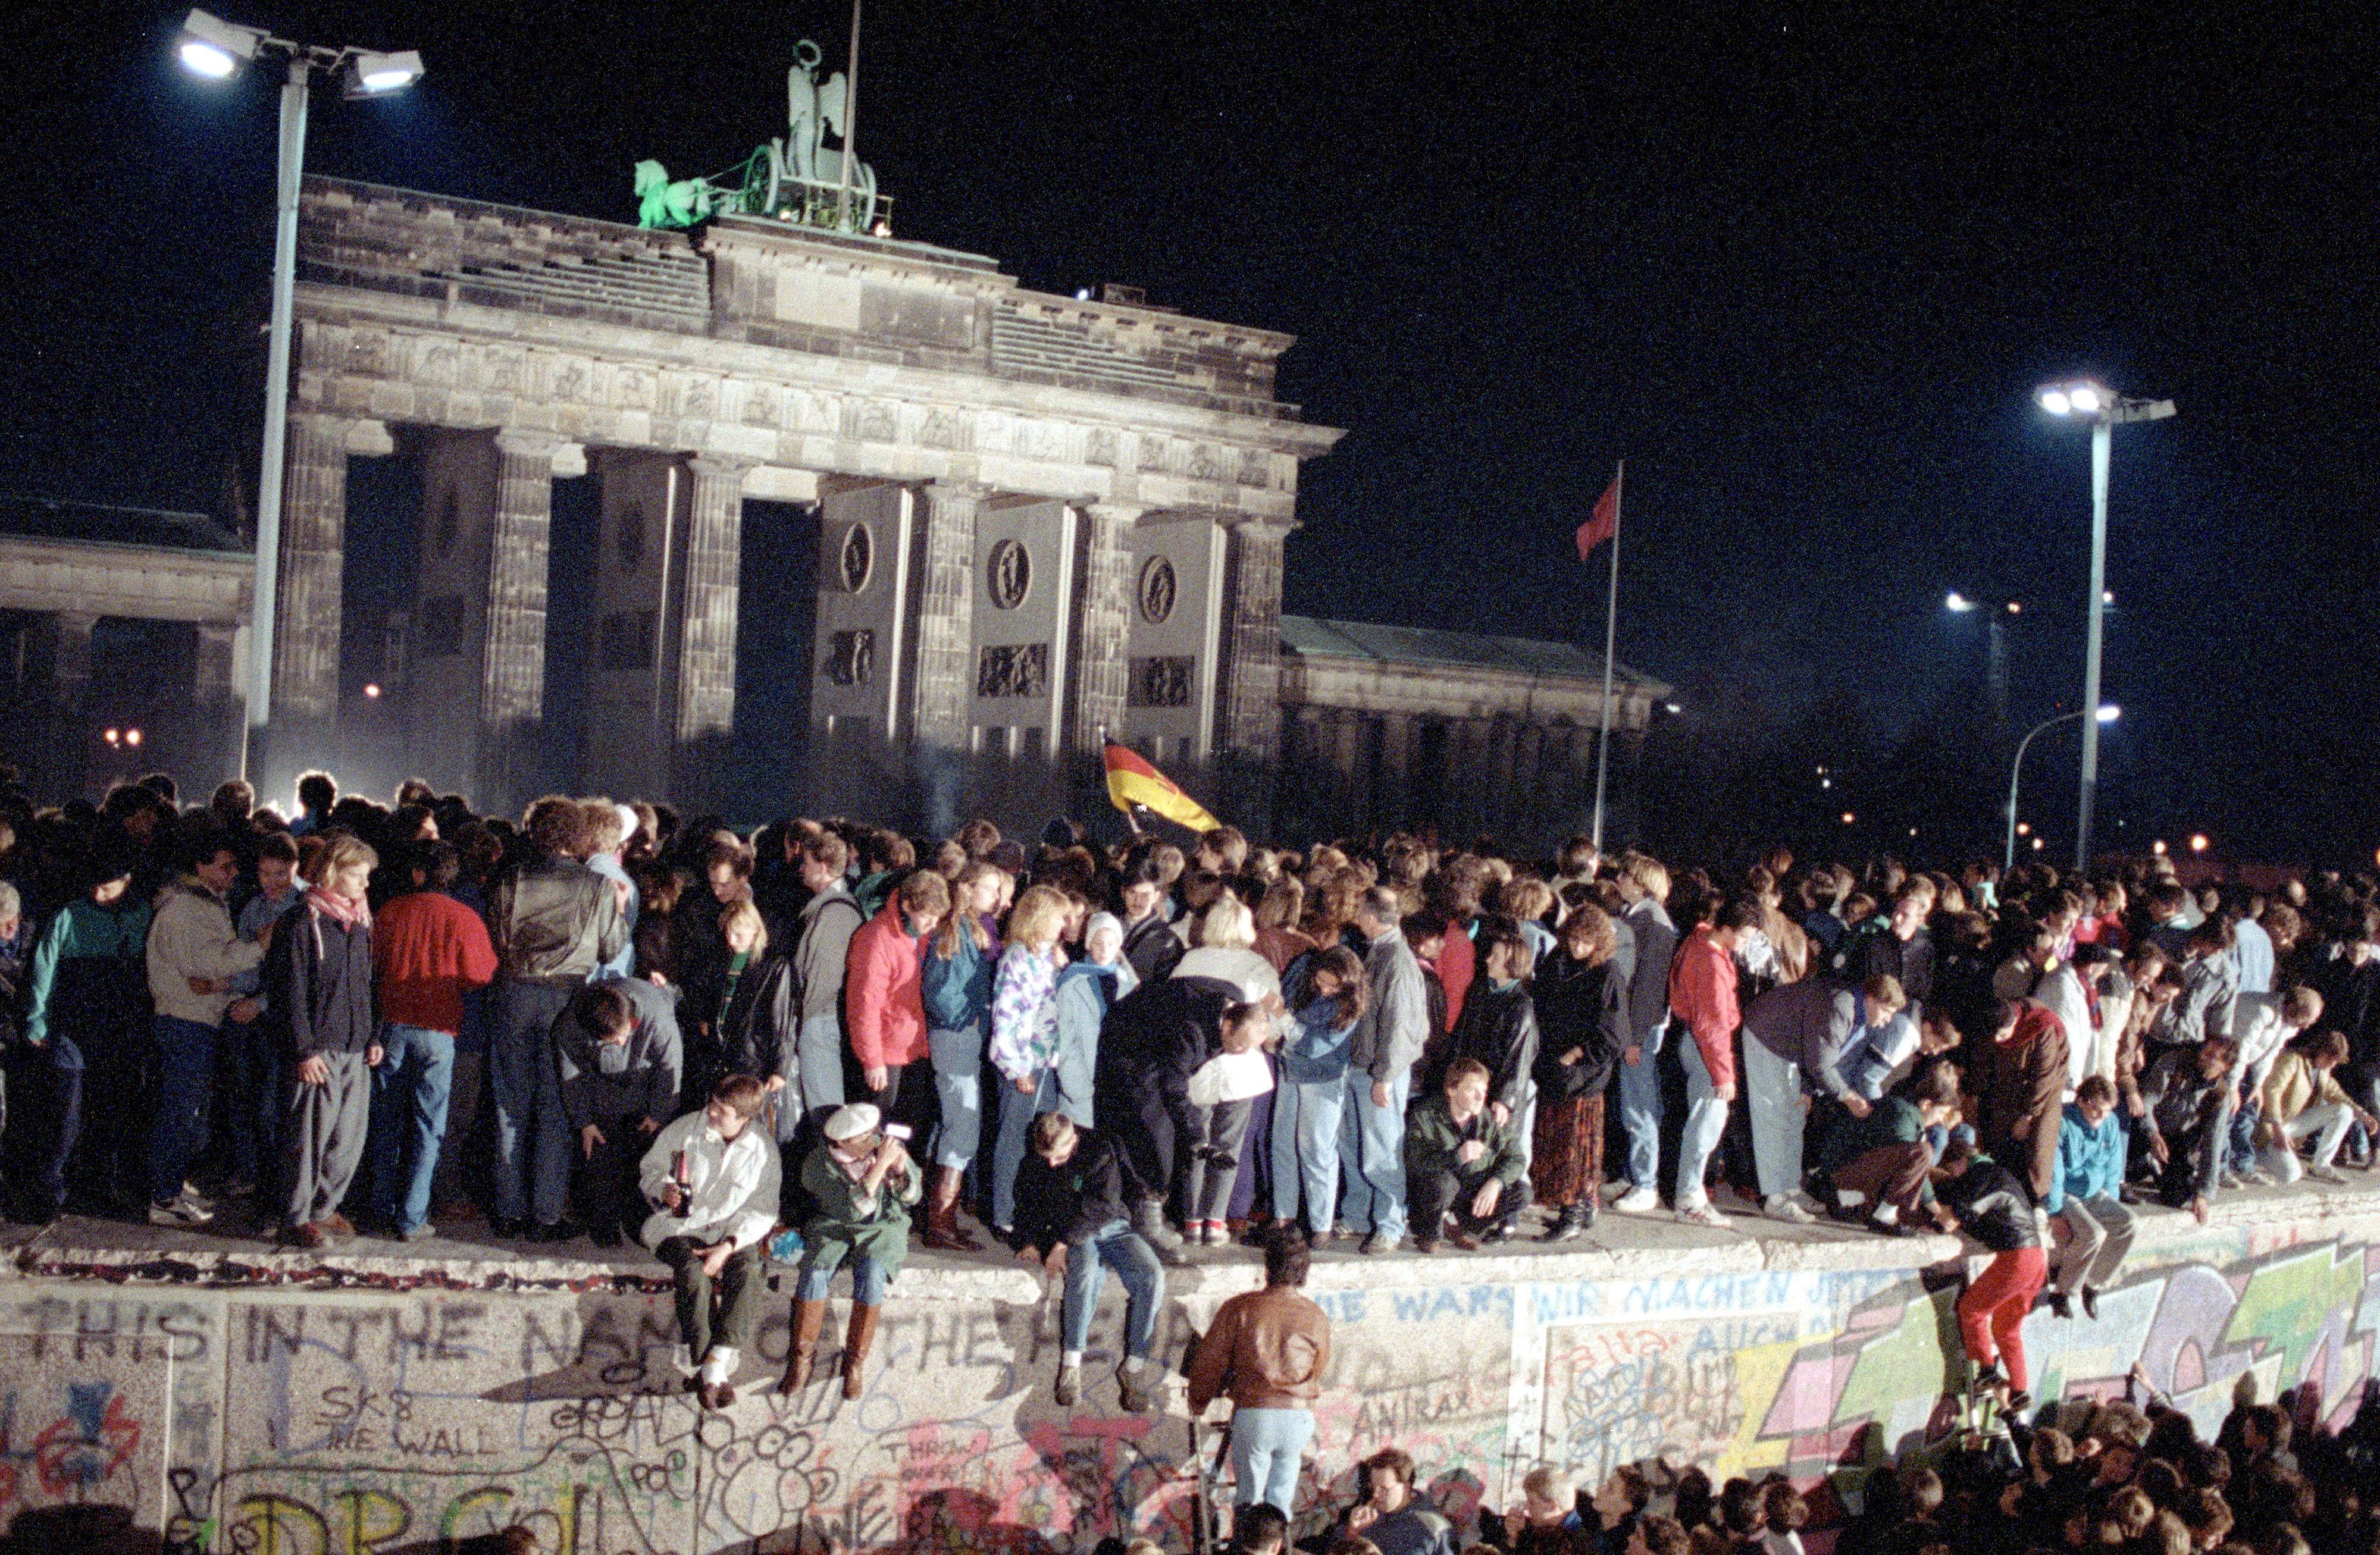 Esta semana se cumplen 30 años de la caída del Muro de Berlín. Poco después de ese 9 noviembre de 1949 colapsaría también la República Democrática de Alemania